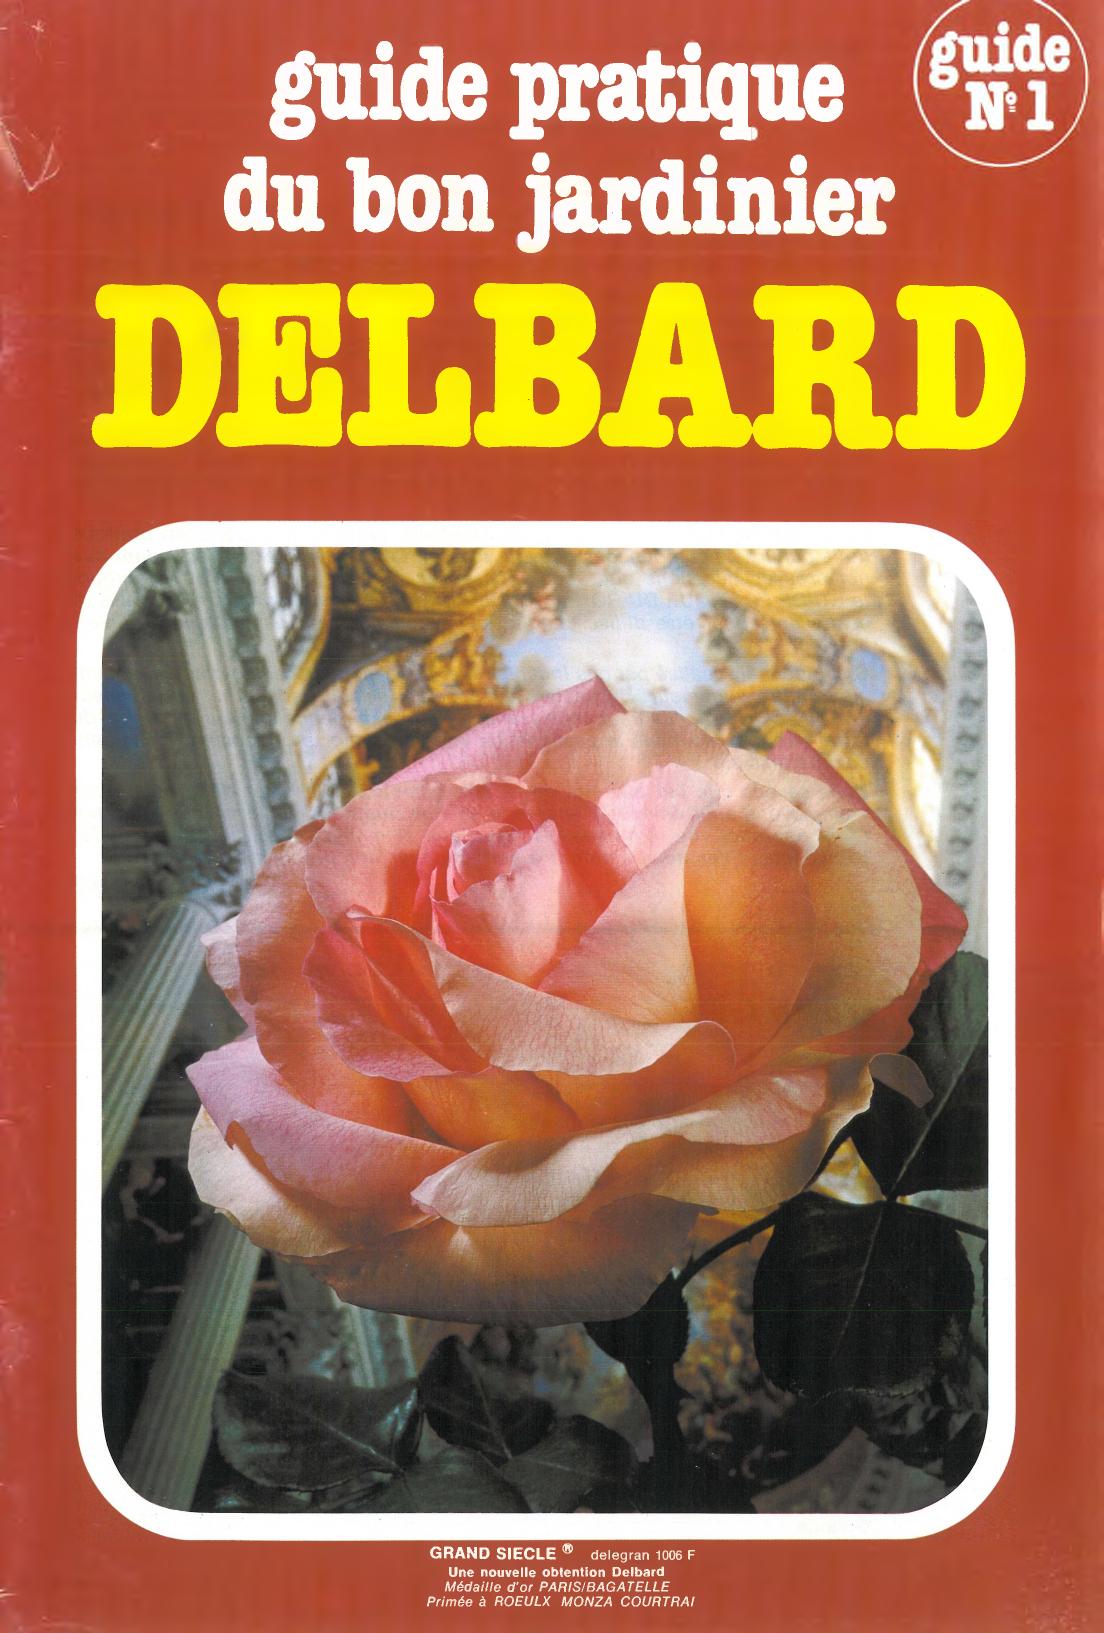 guide pratique du bon jardinier DELBARD GRAND SIECLE ® delegran 1006 F Une  nouvelle obtention Delbard Médaille d \u0027or PARIS/BAGATELLE Primée à ROEULX  MONZA